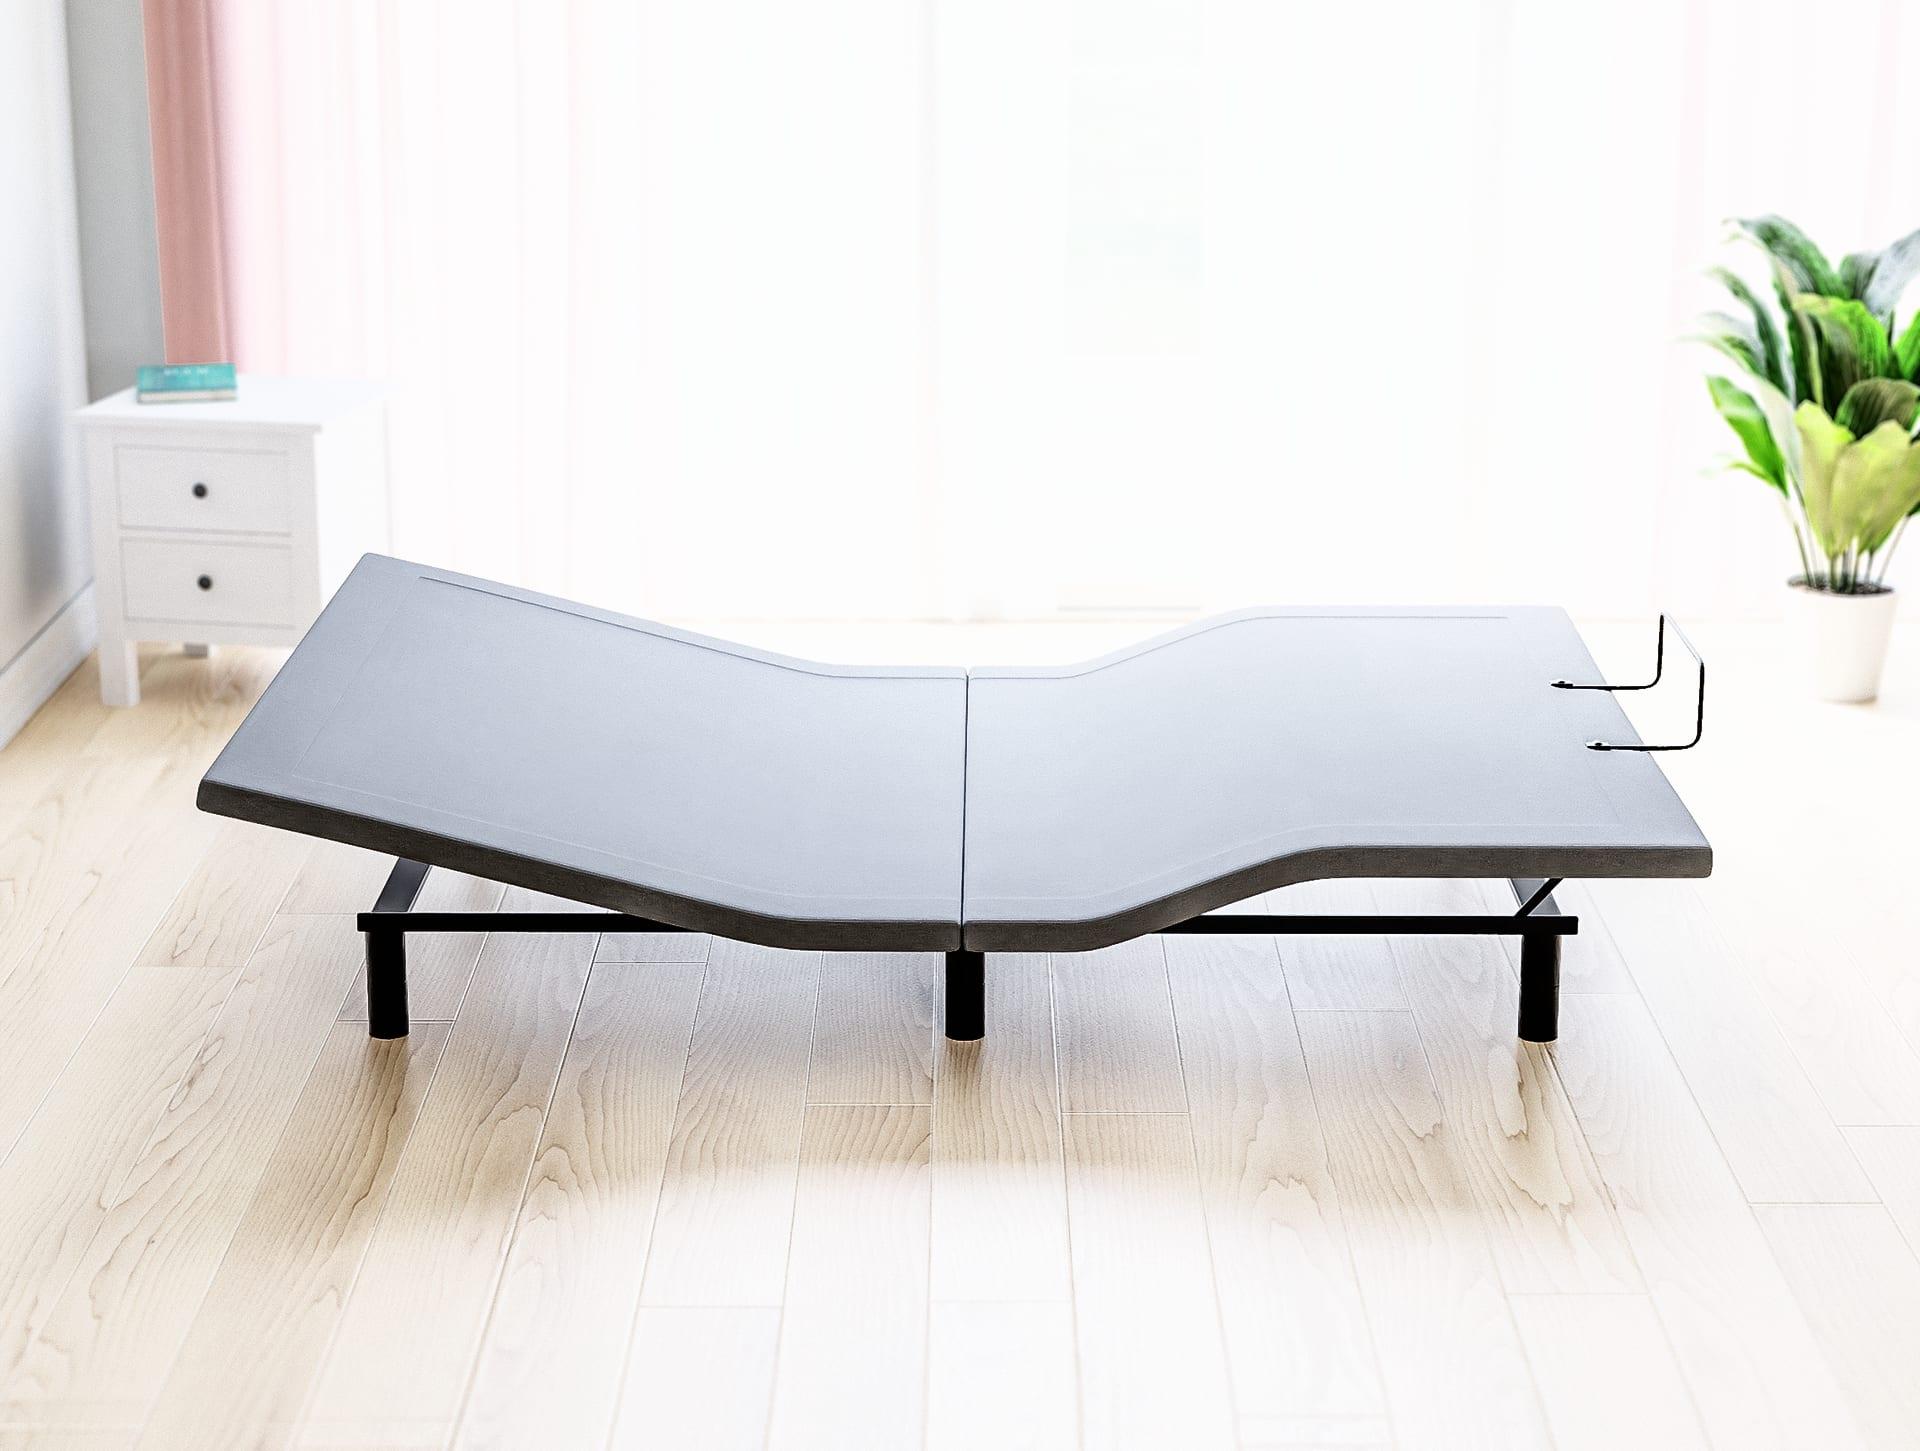 Onebed Adjustable Bed Frame